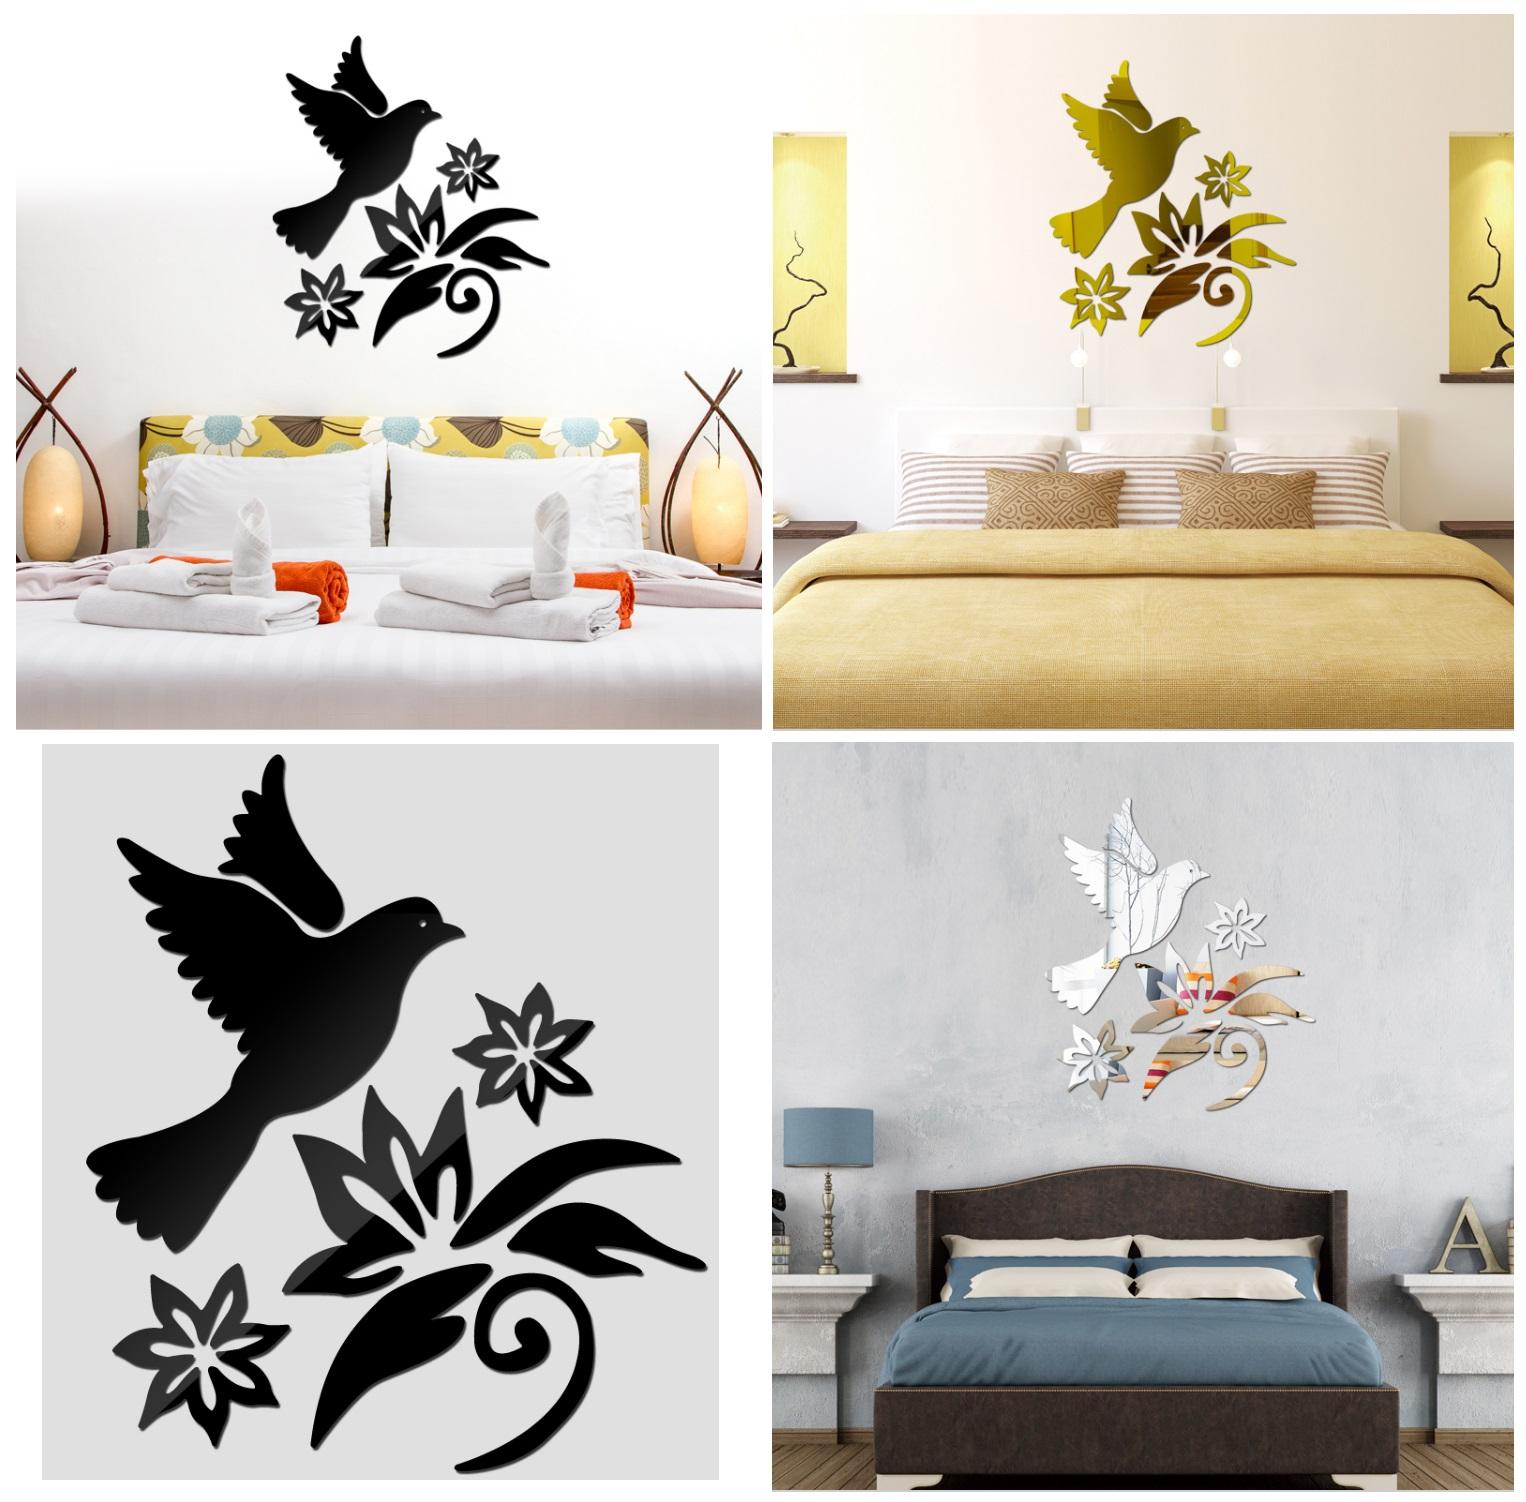 Samolepící dekorace na zeď - Pták / dnk-13-01349